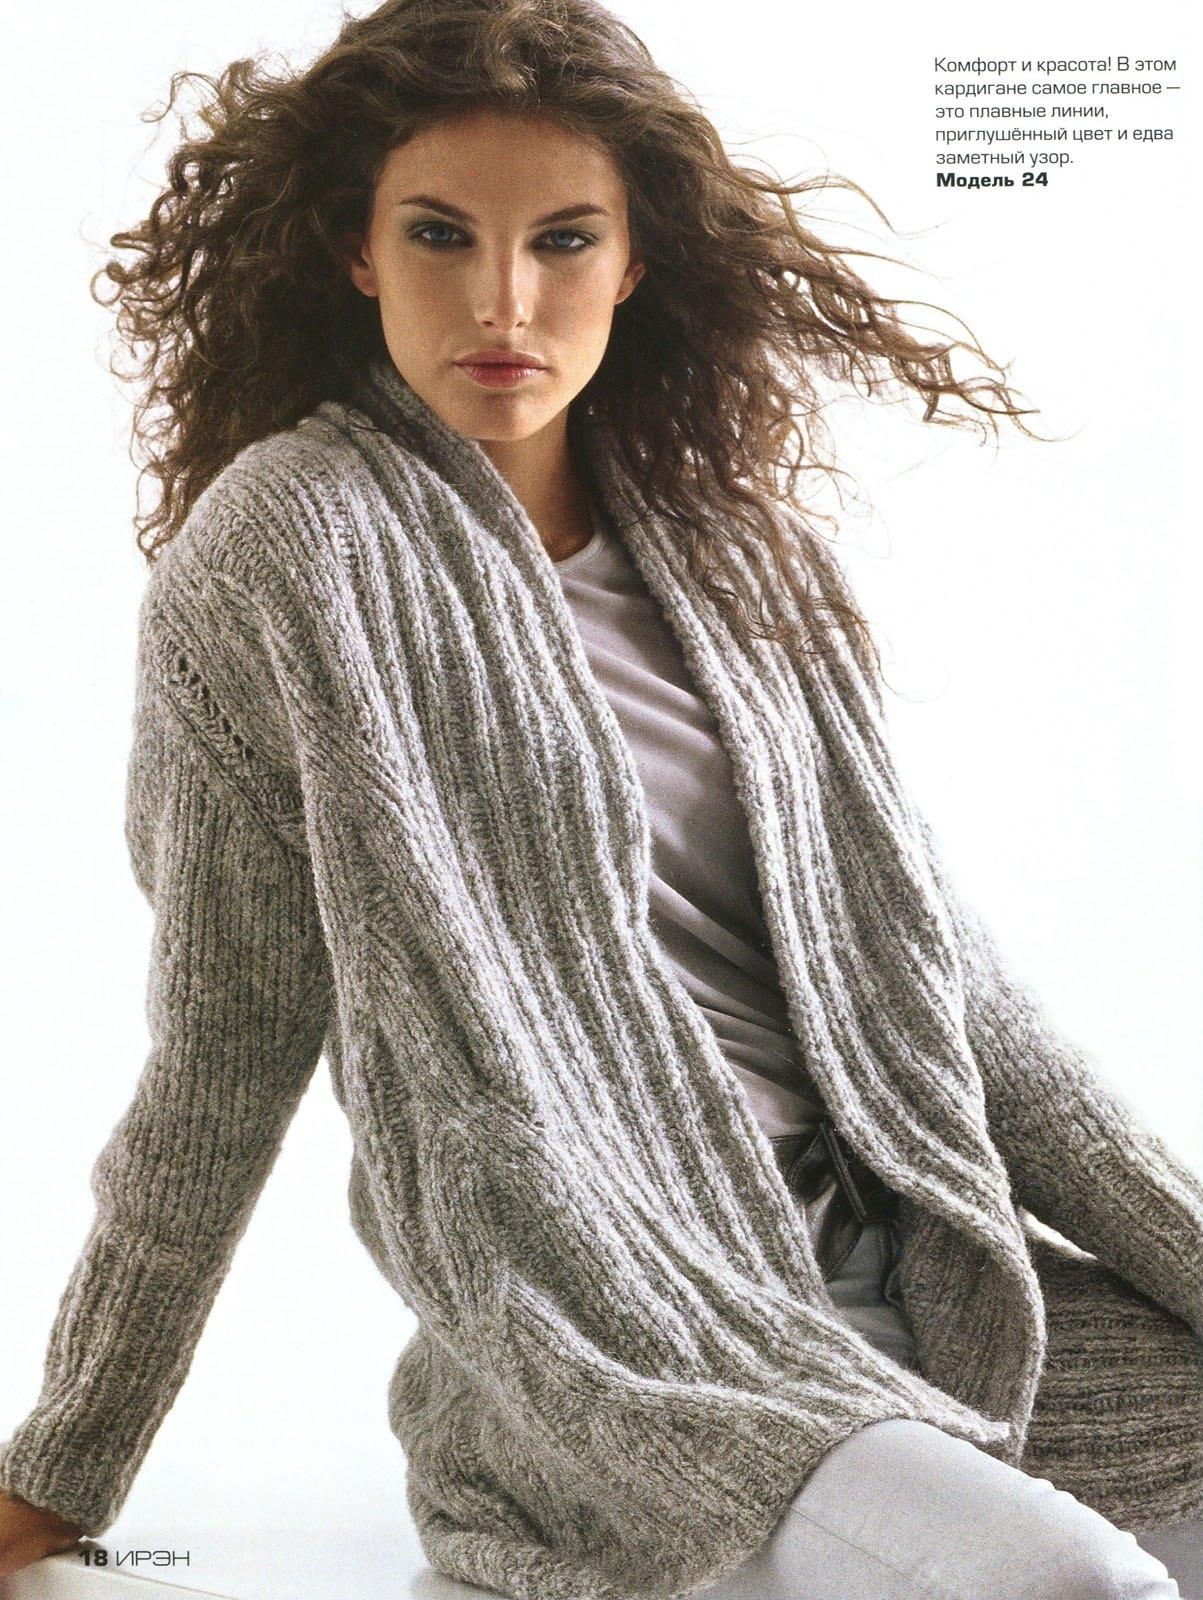 6 days ago - Схемы вязания женской одежды спицами, фотографии Вязание спицами = Вязание для женщин спицами.